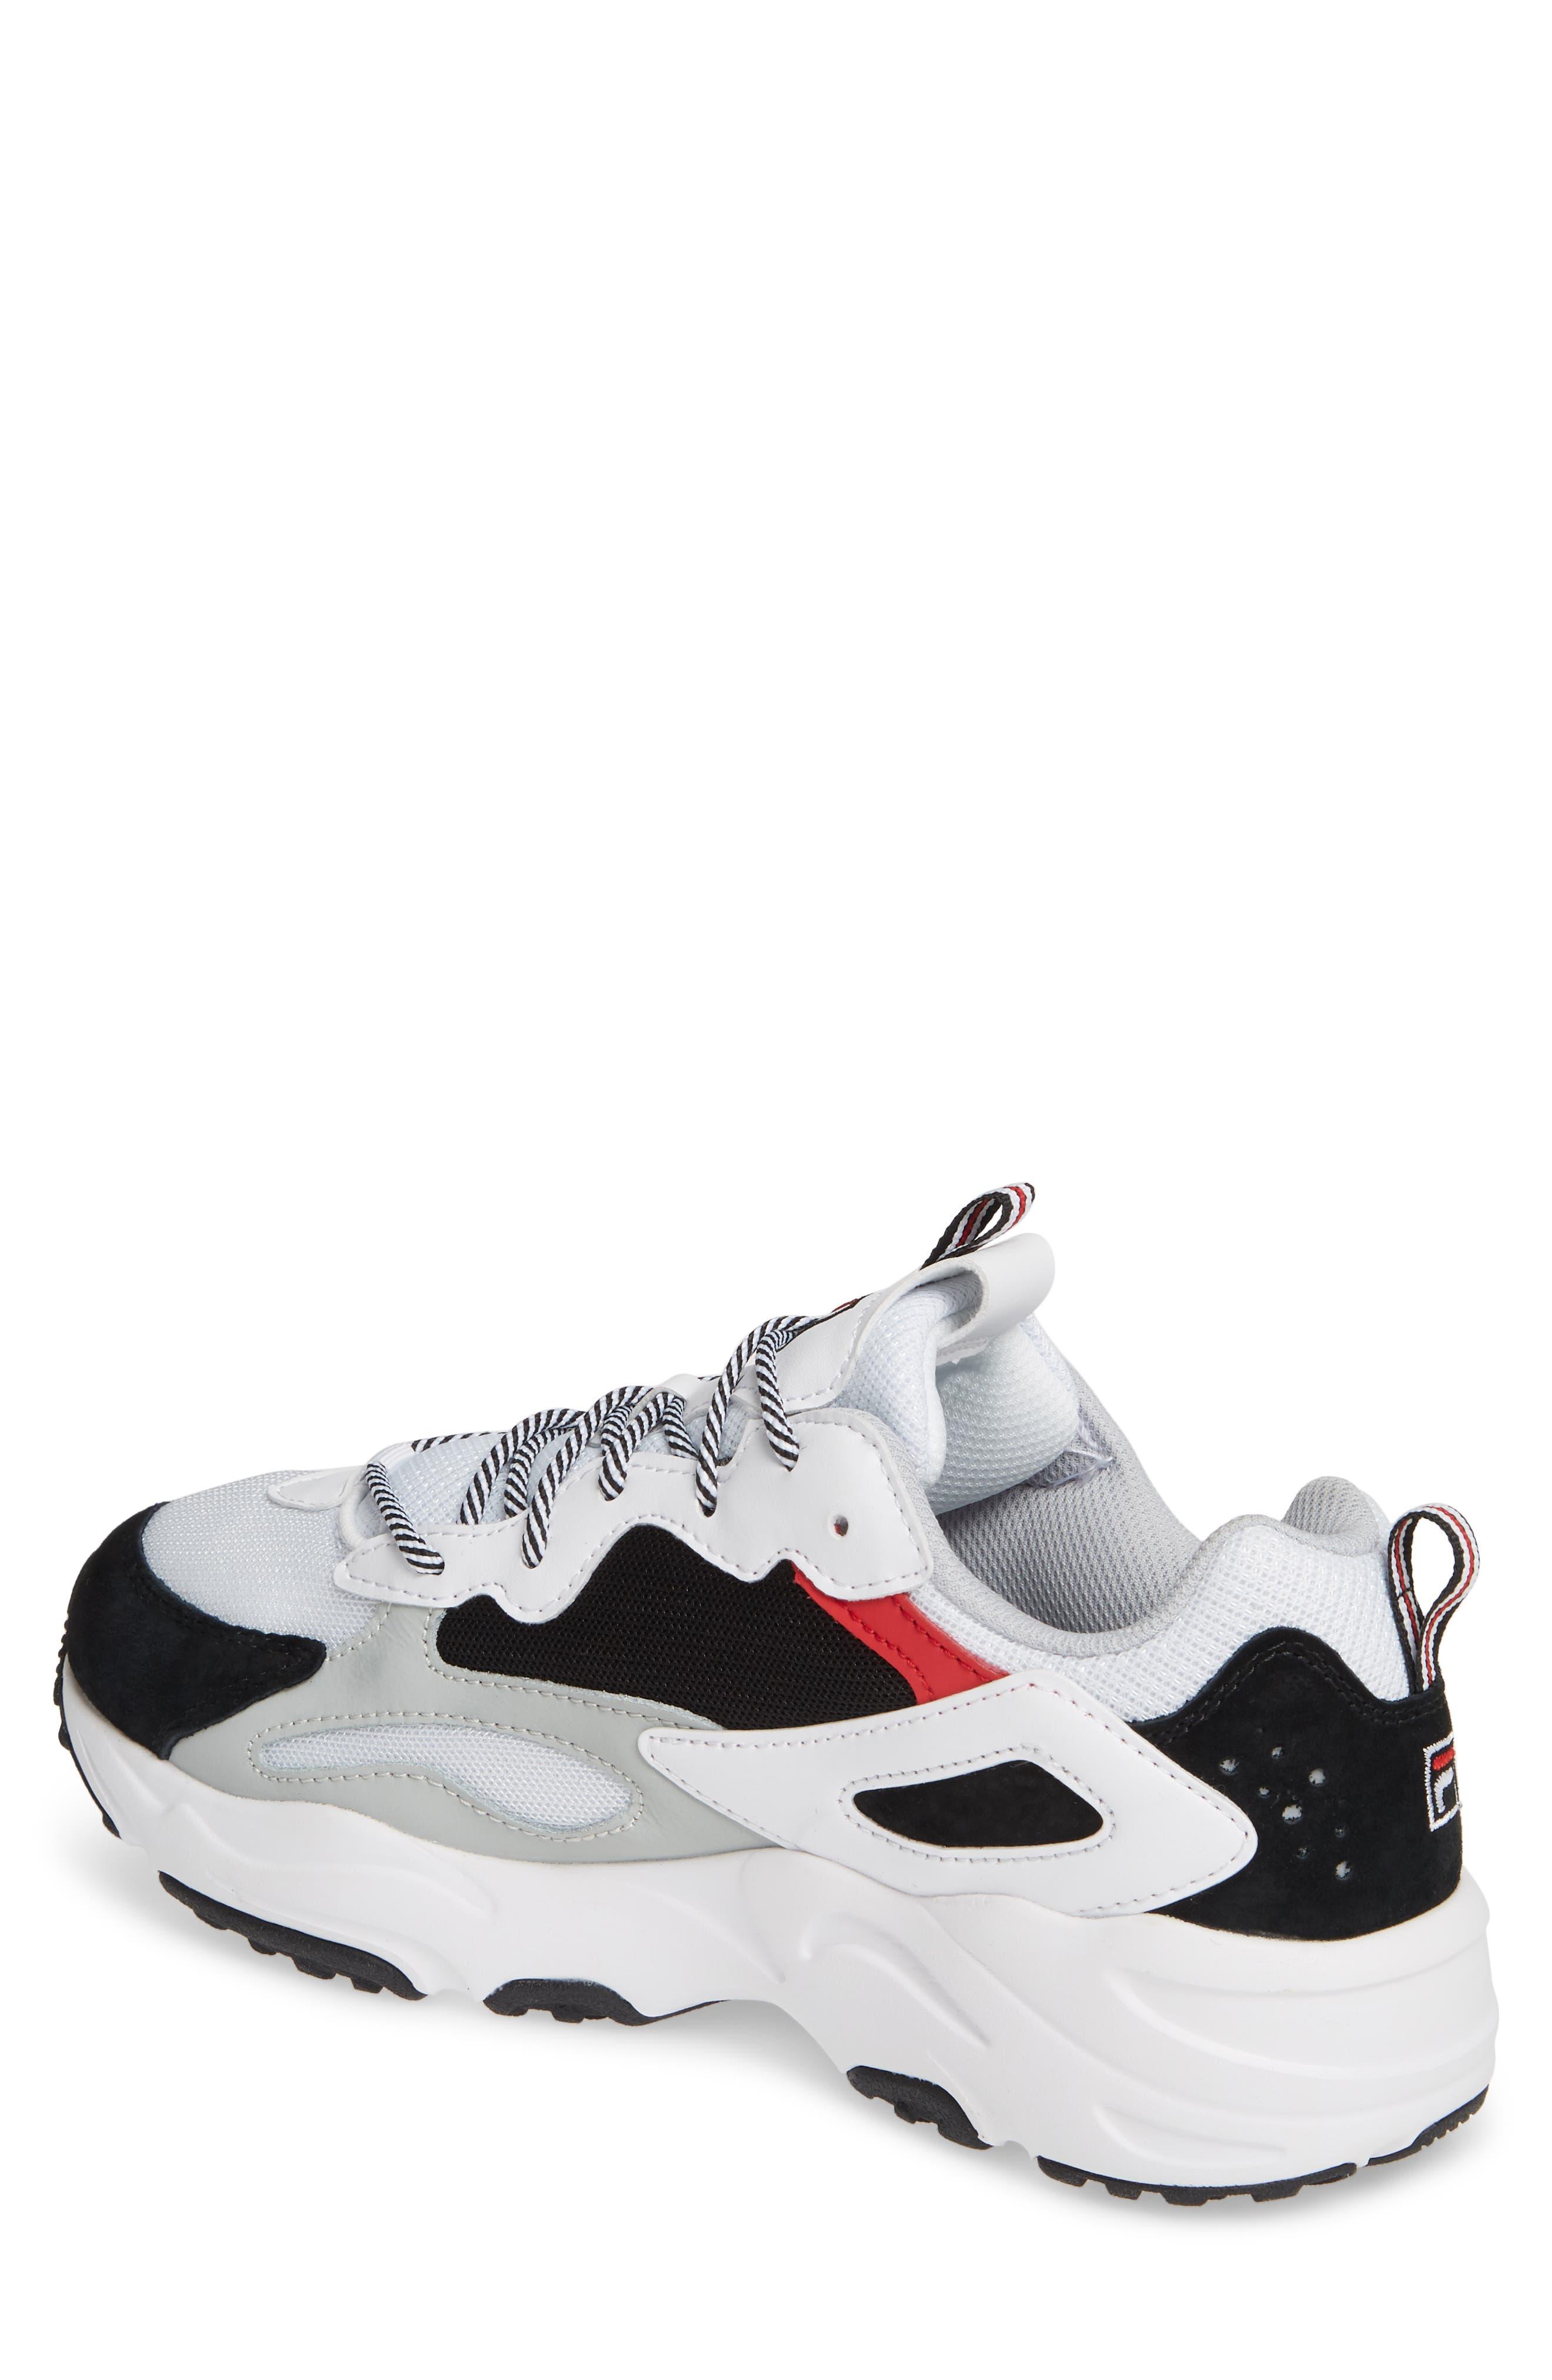 FILA, Ray Tracer Sneaker, Alternate thumbnail 2, color, WHITE/ BLACK